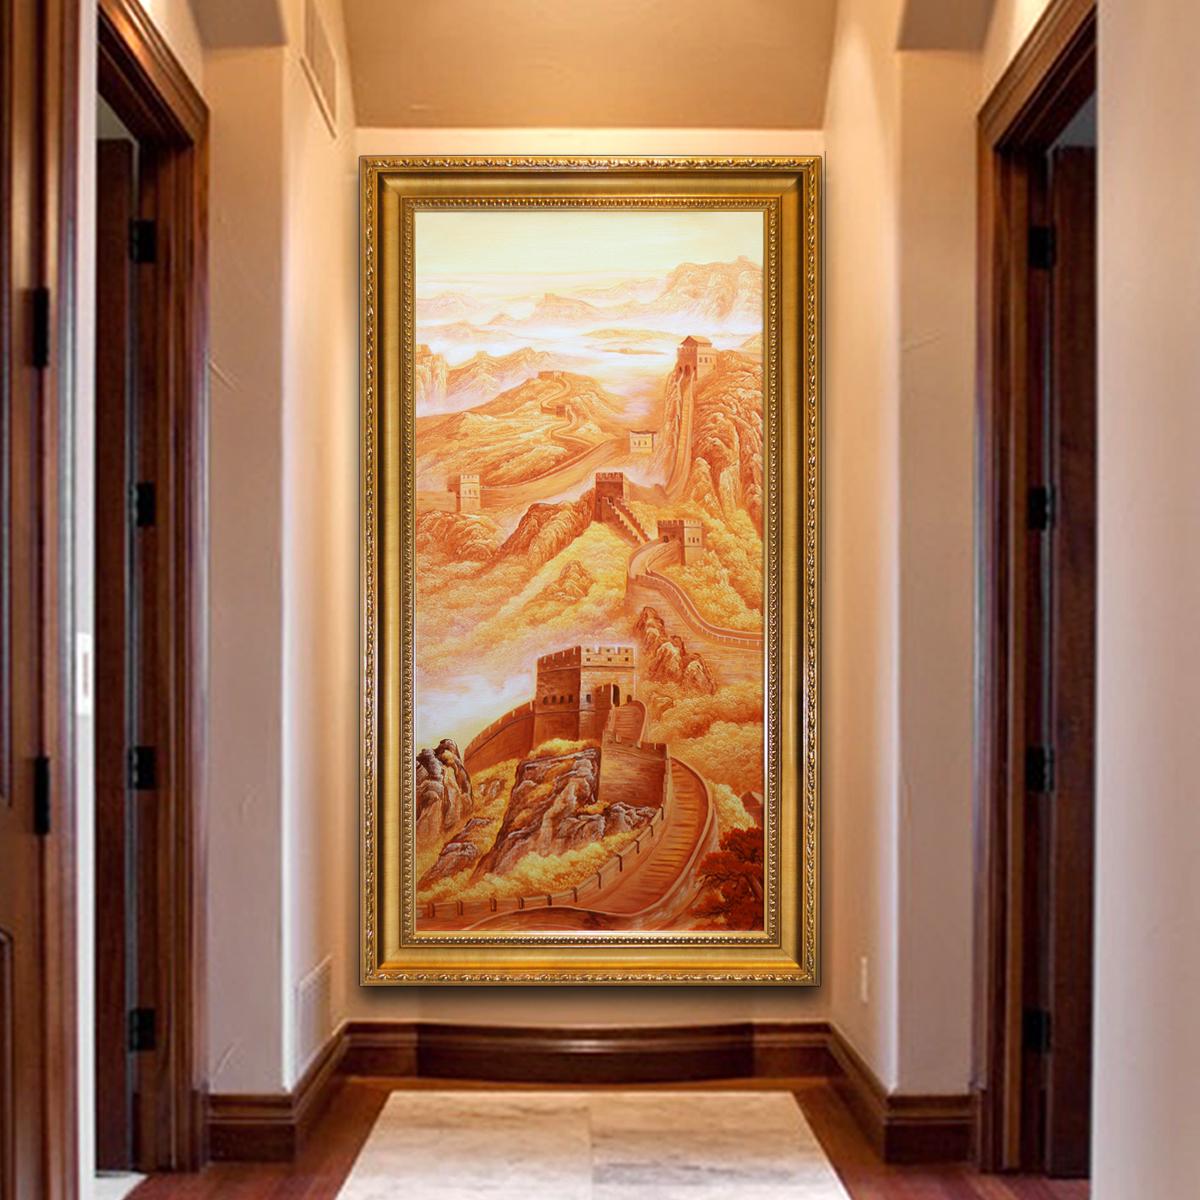 油画 玄关装饰画过道办公室万里长城风水画 酒店现代中式竖版挂画